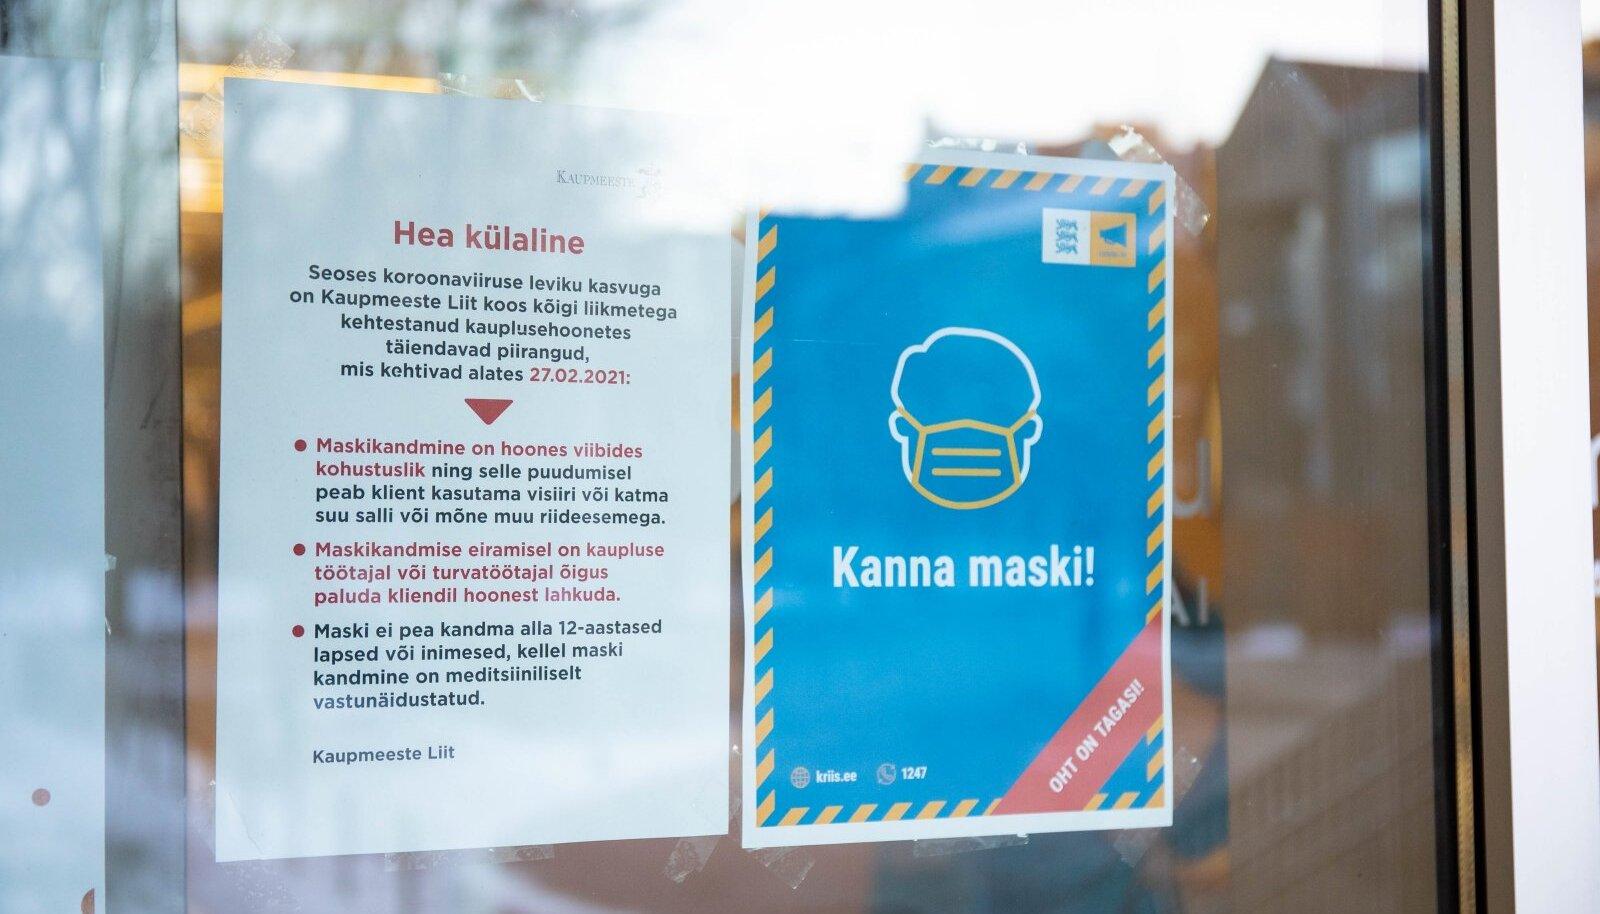 Koroonaviiruse hoiatavad sildid Tartu Kaubamajas